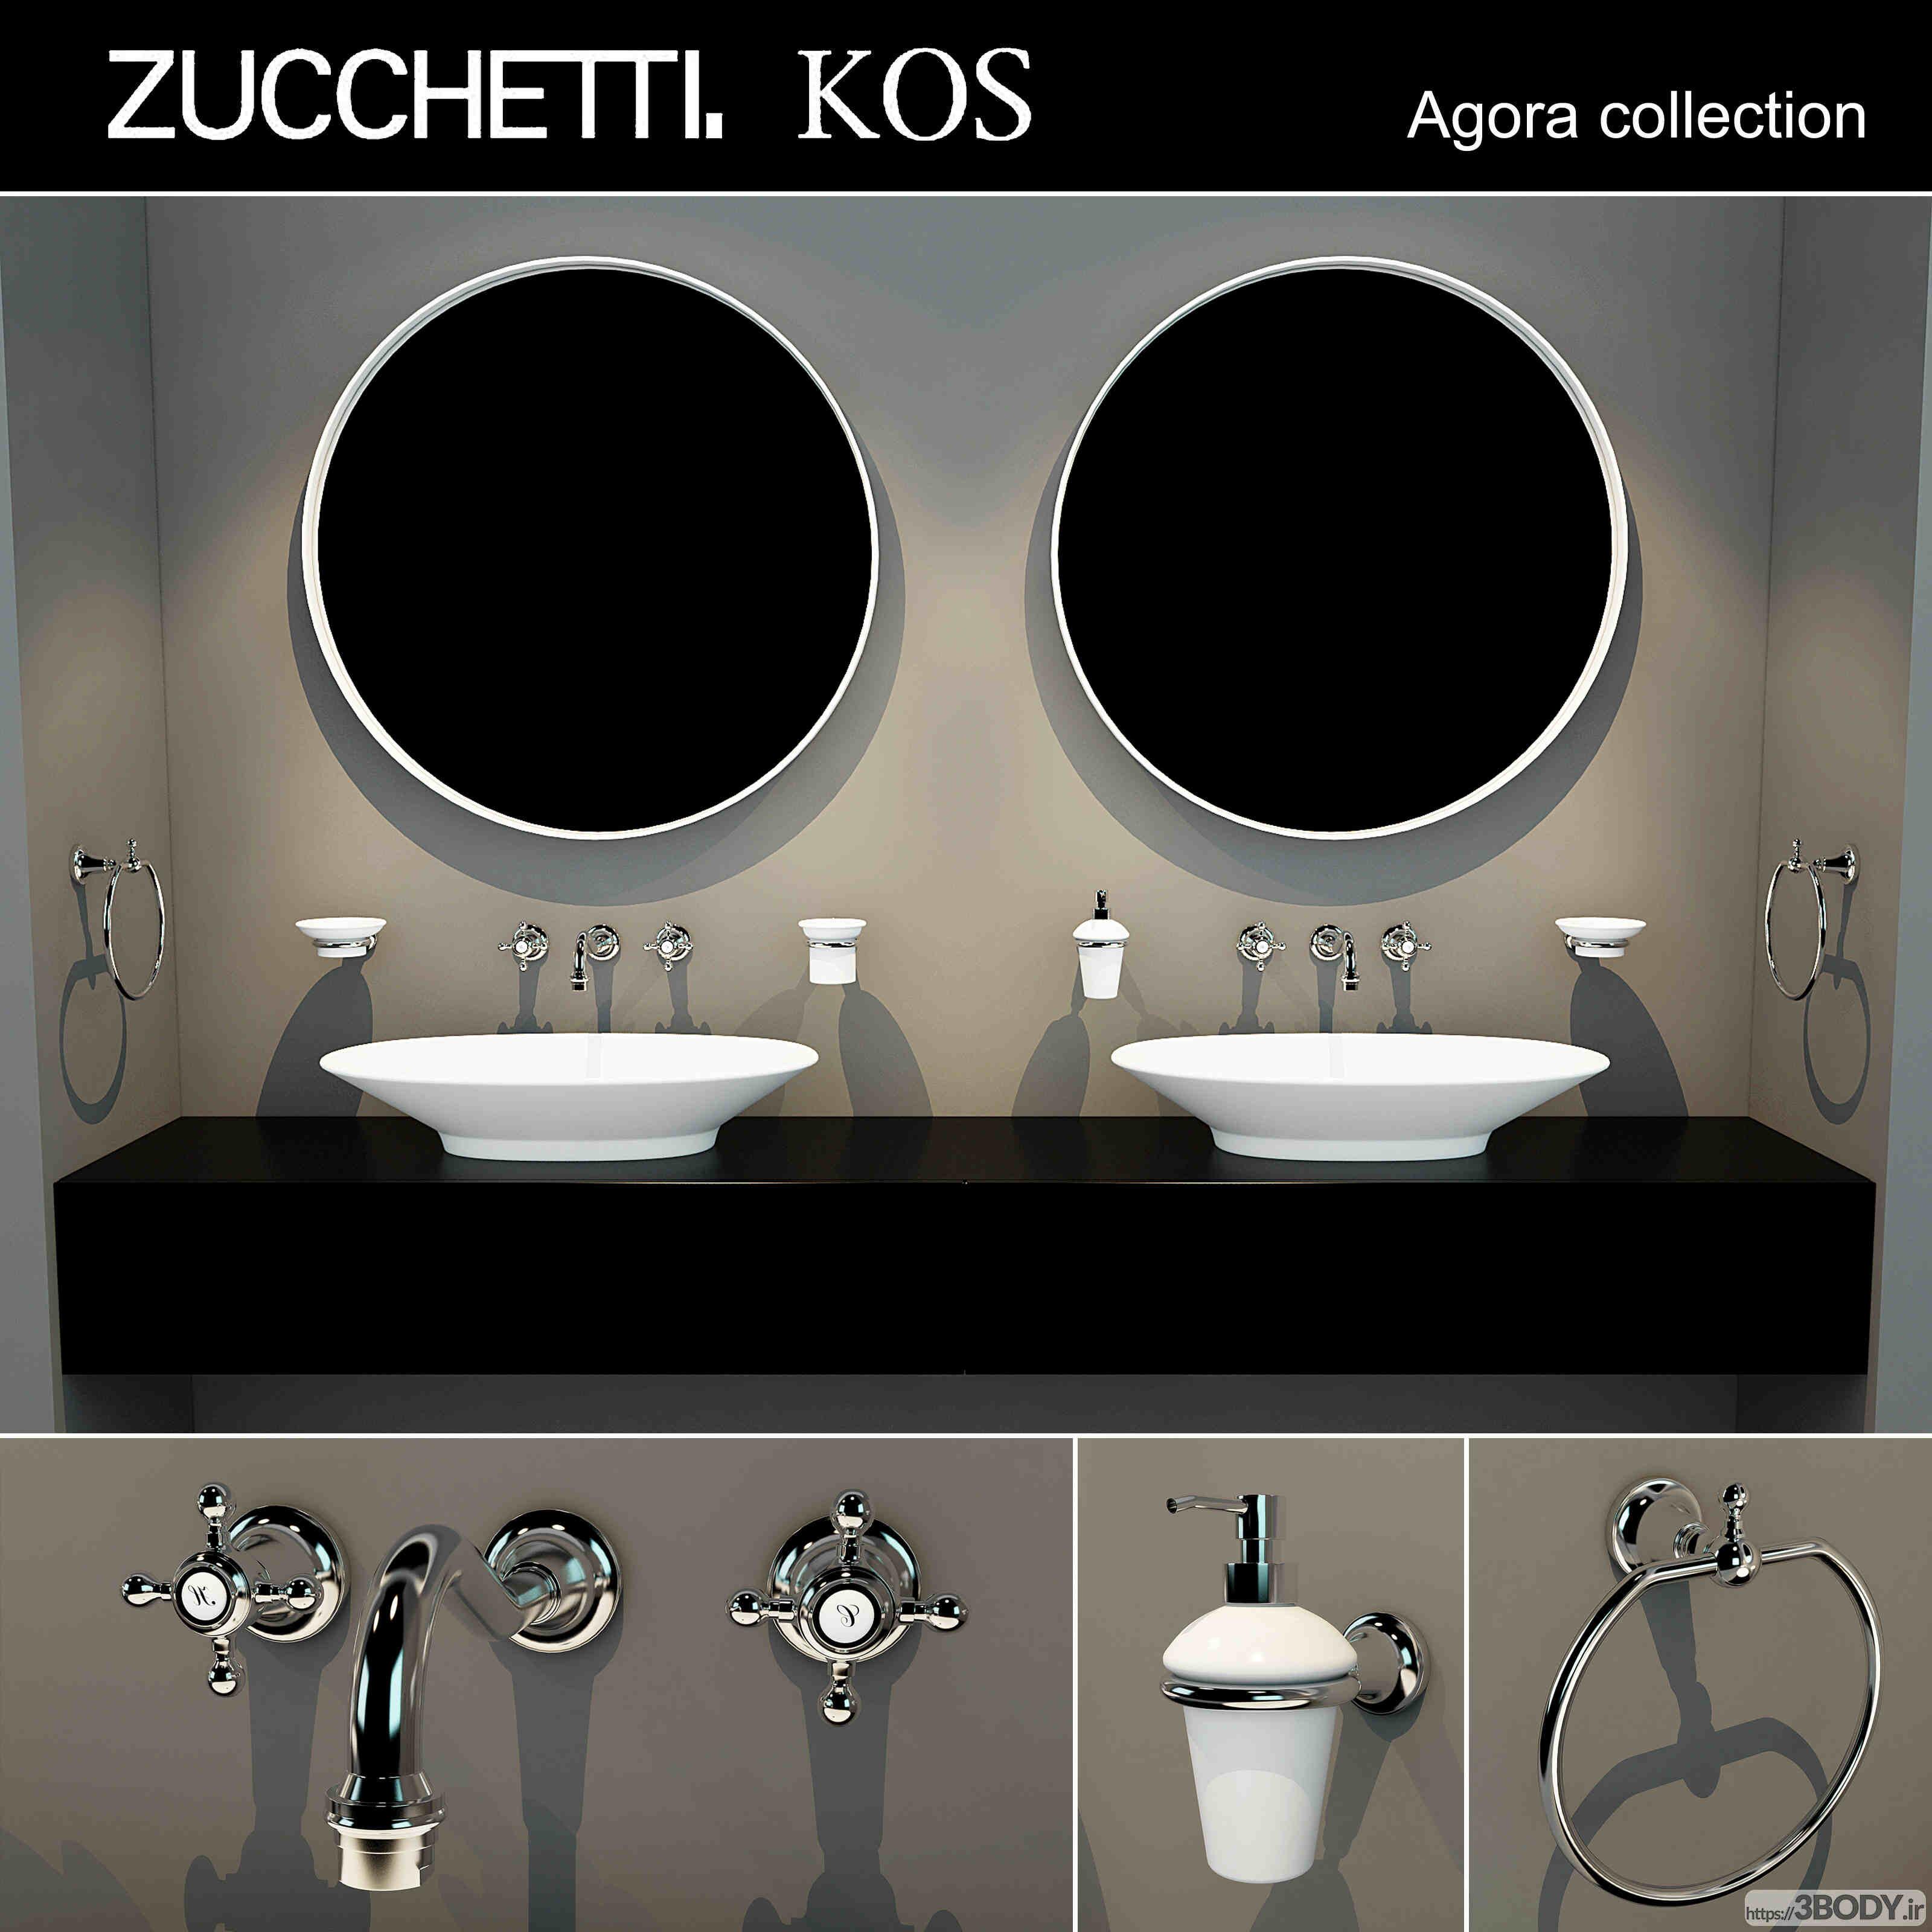 مدل سه بعدی مبلمان توالت عکس 1